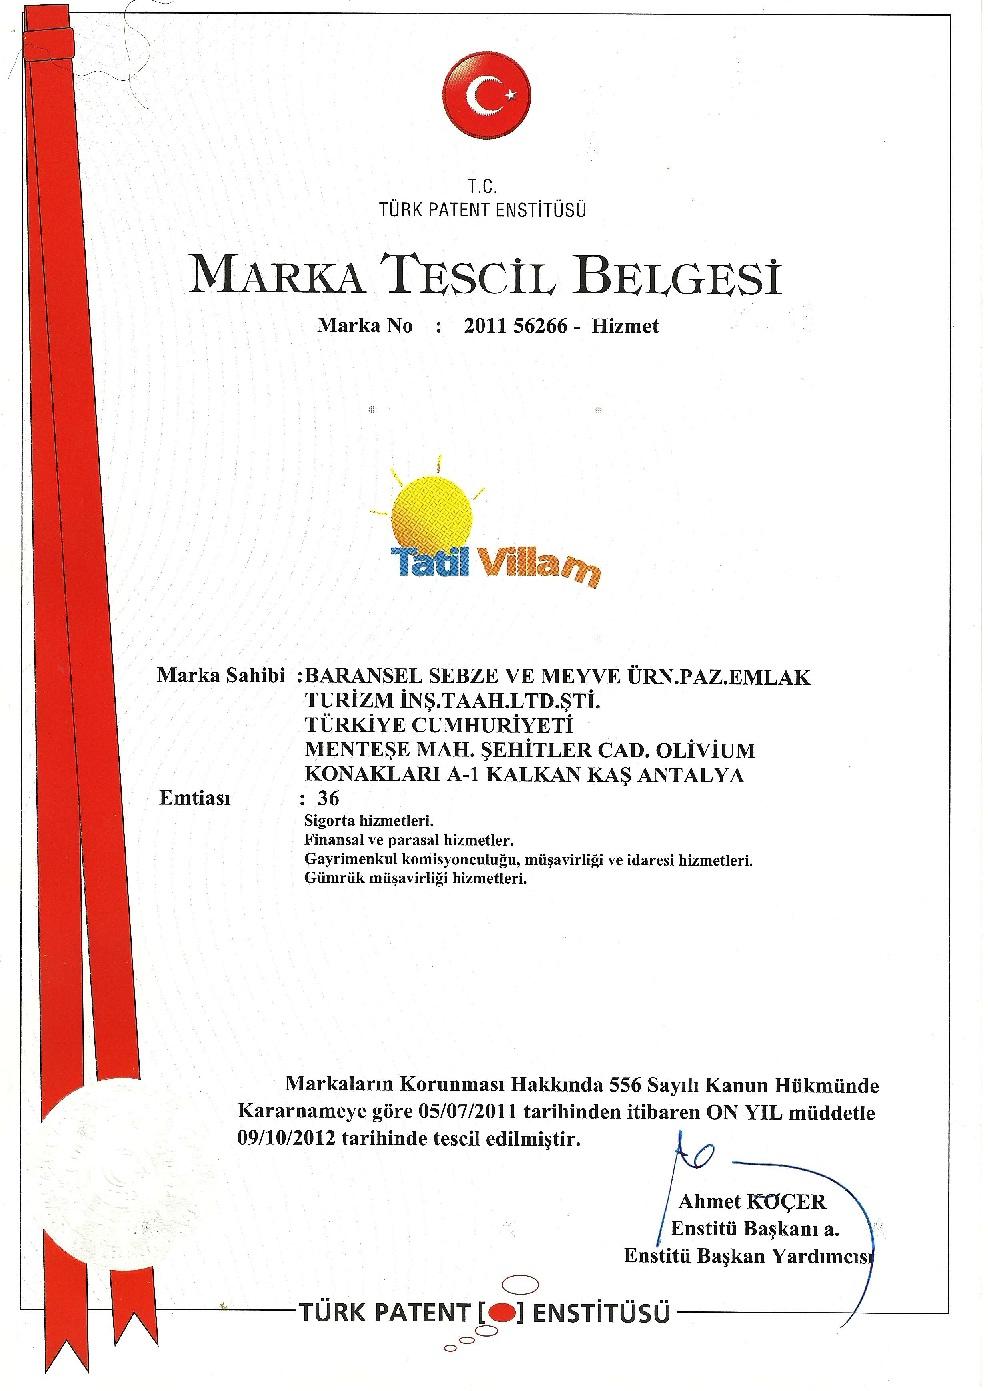 arka-tescil-belgesi-2